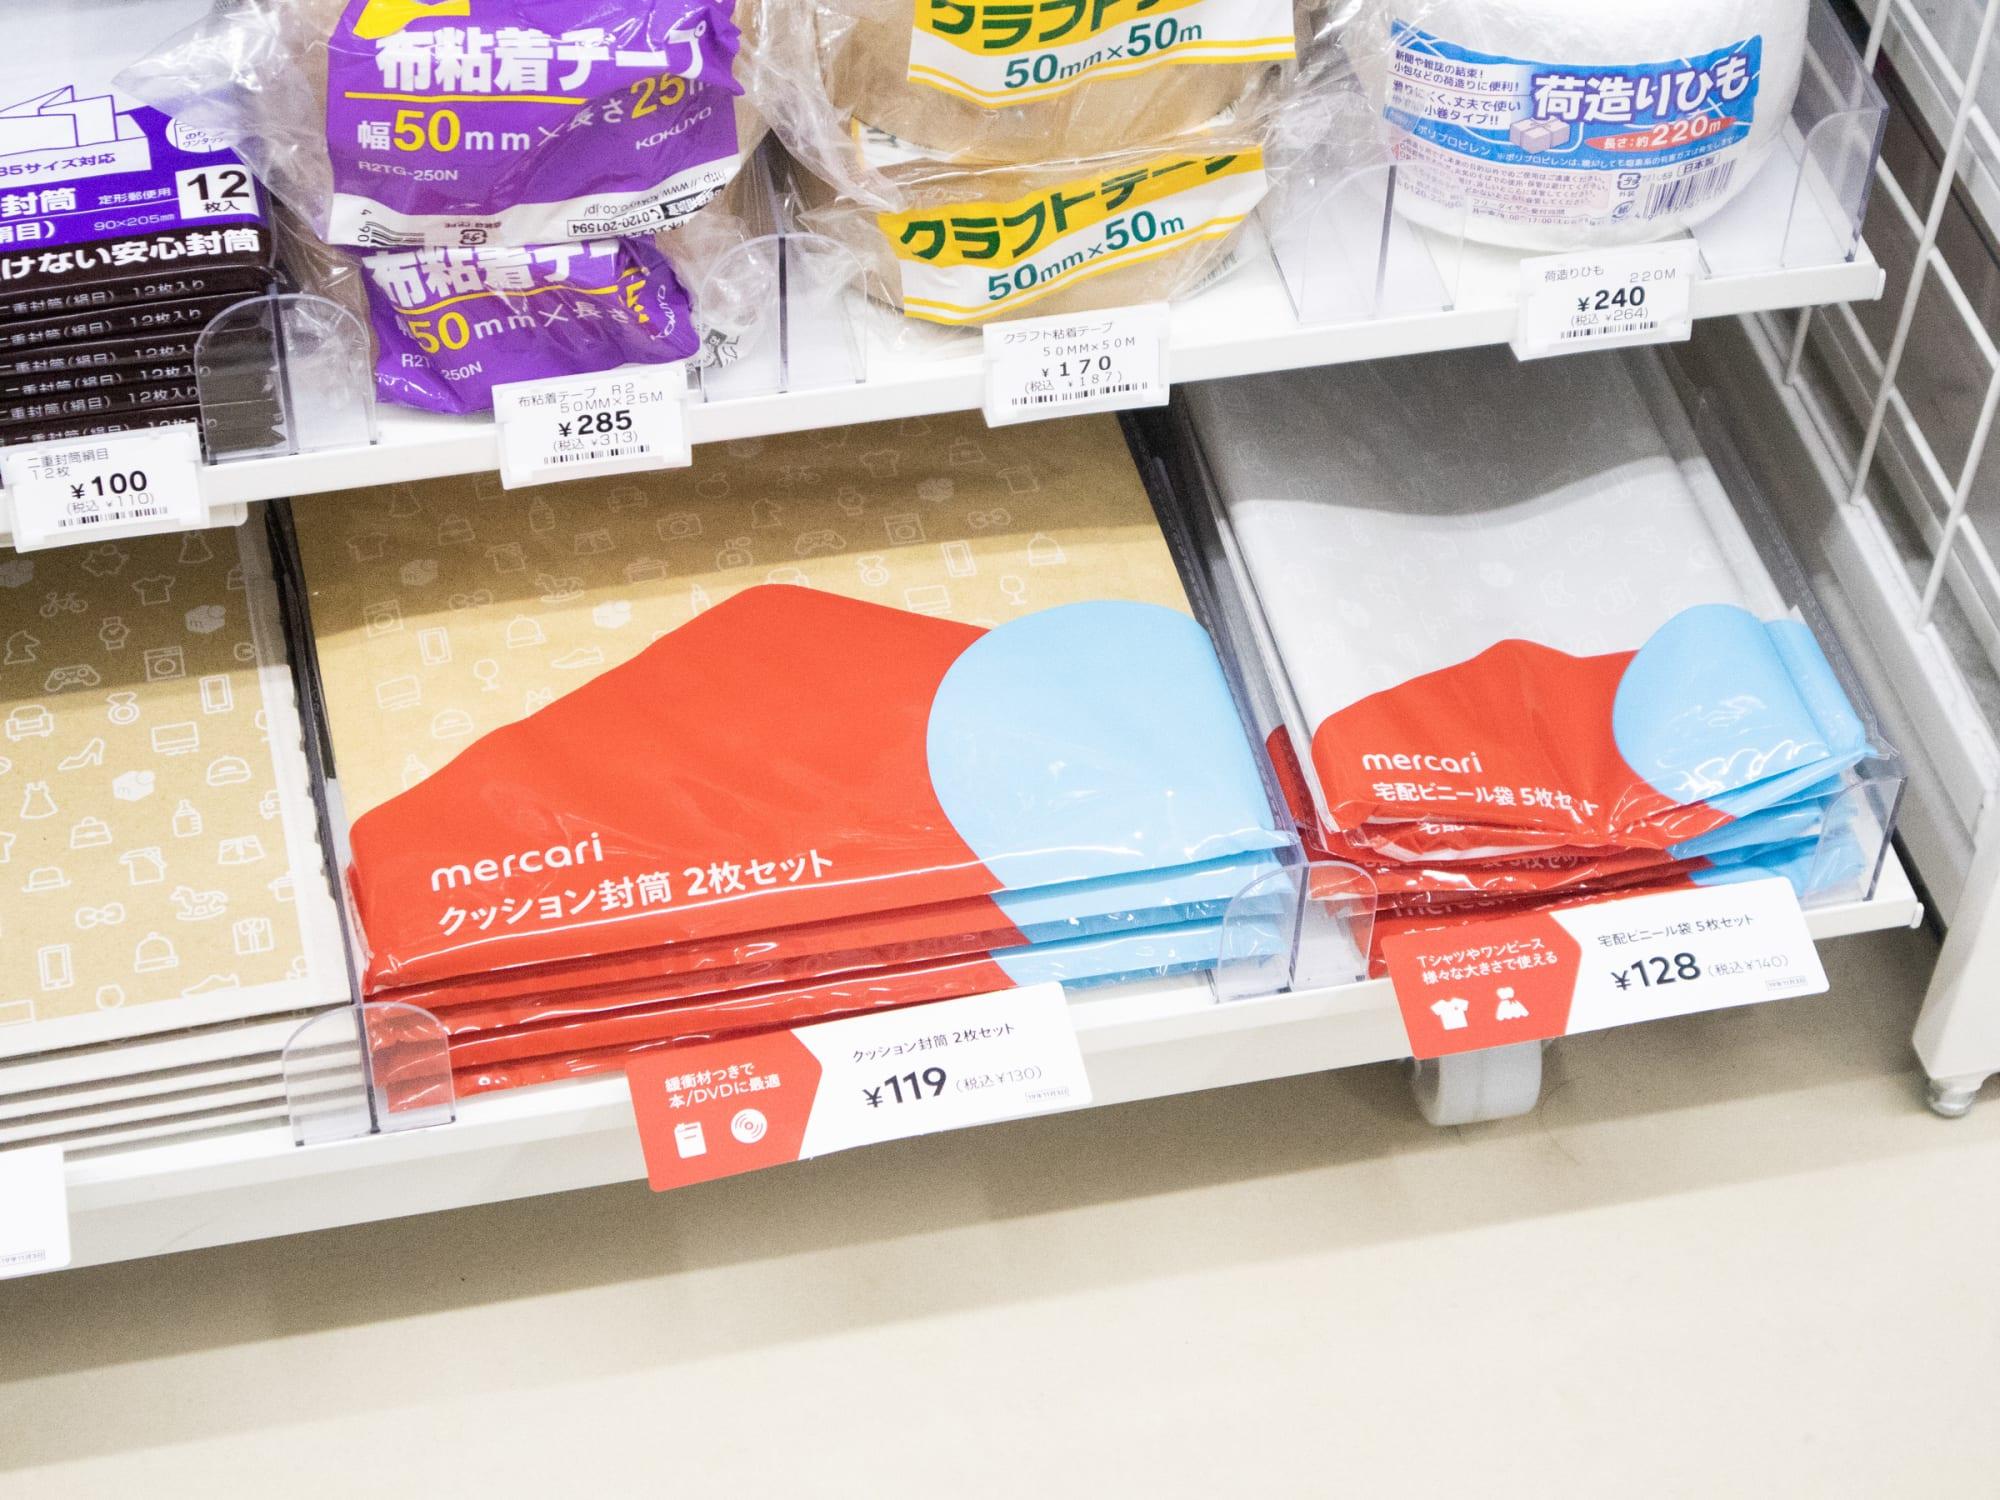 大型 梱包 メルカリ メルカリが大型出品物の梱包から配送までサポートする「梱包・発送たのメル便」開始、全国一律配送料金に